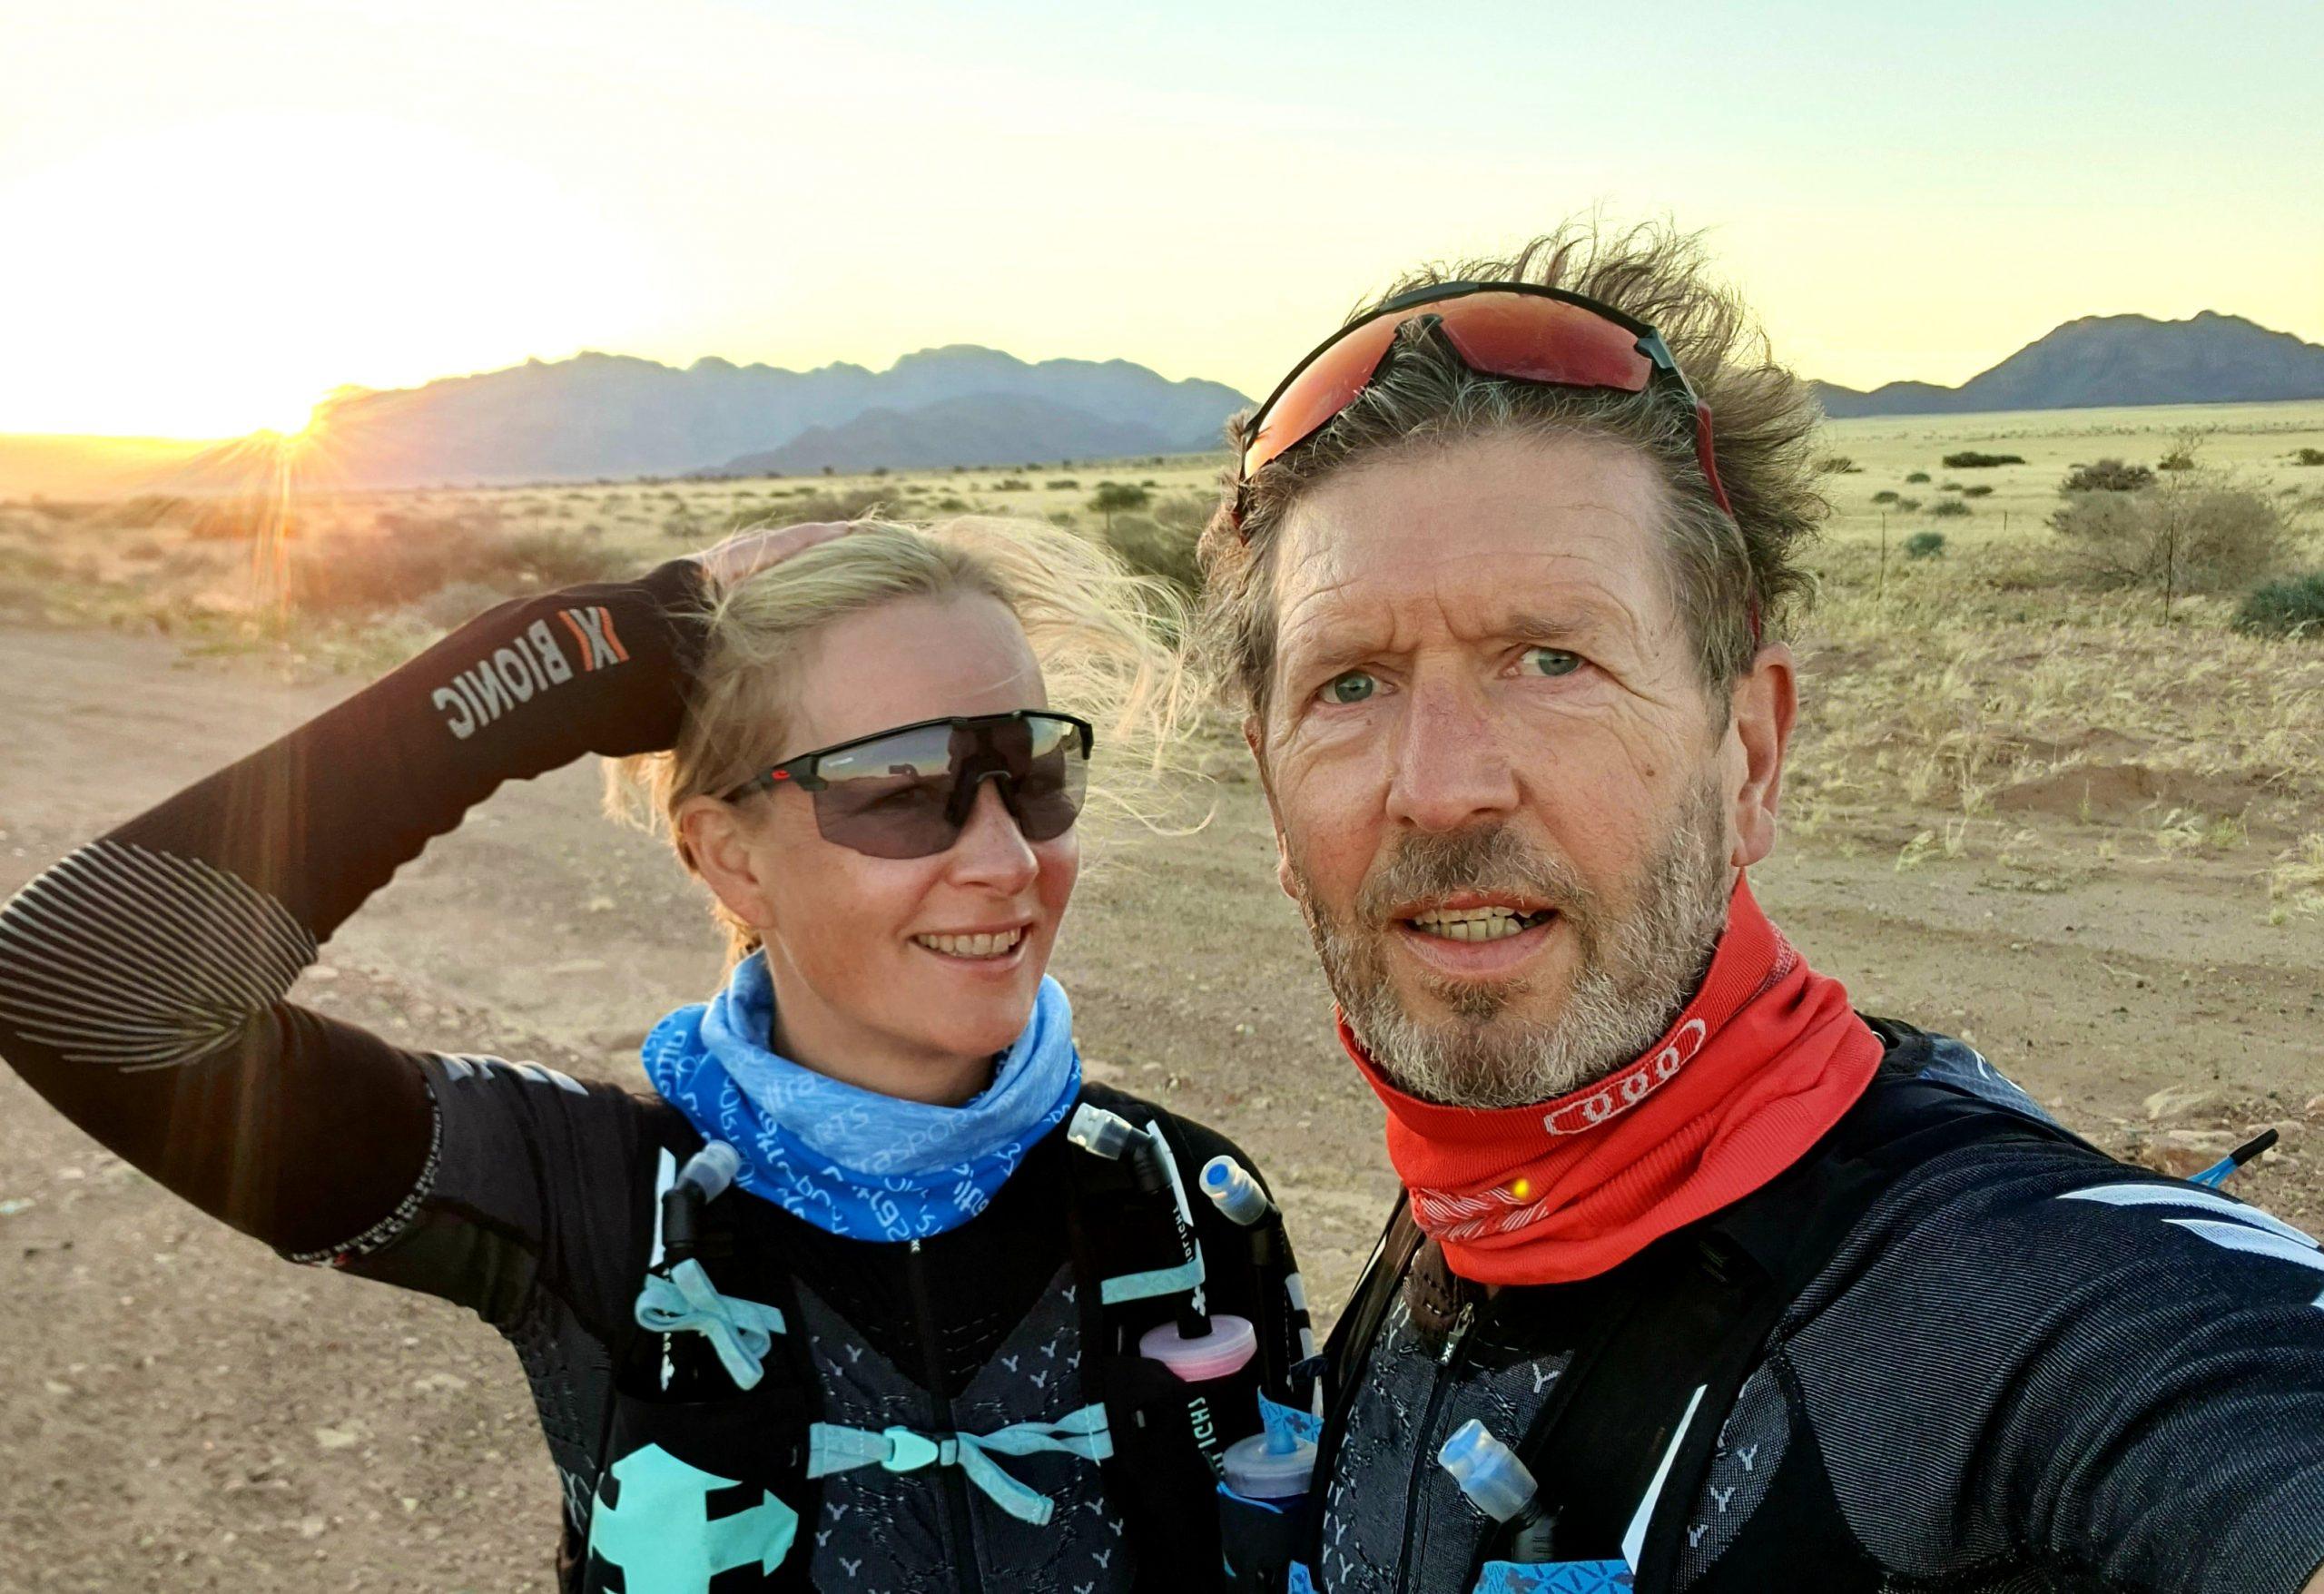 Fatboysrun Episode 254 – 1000km durch die Wüste als Paar